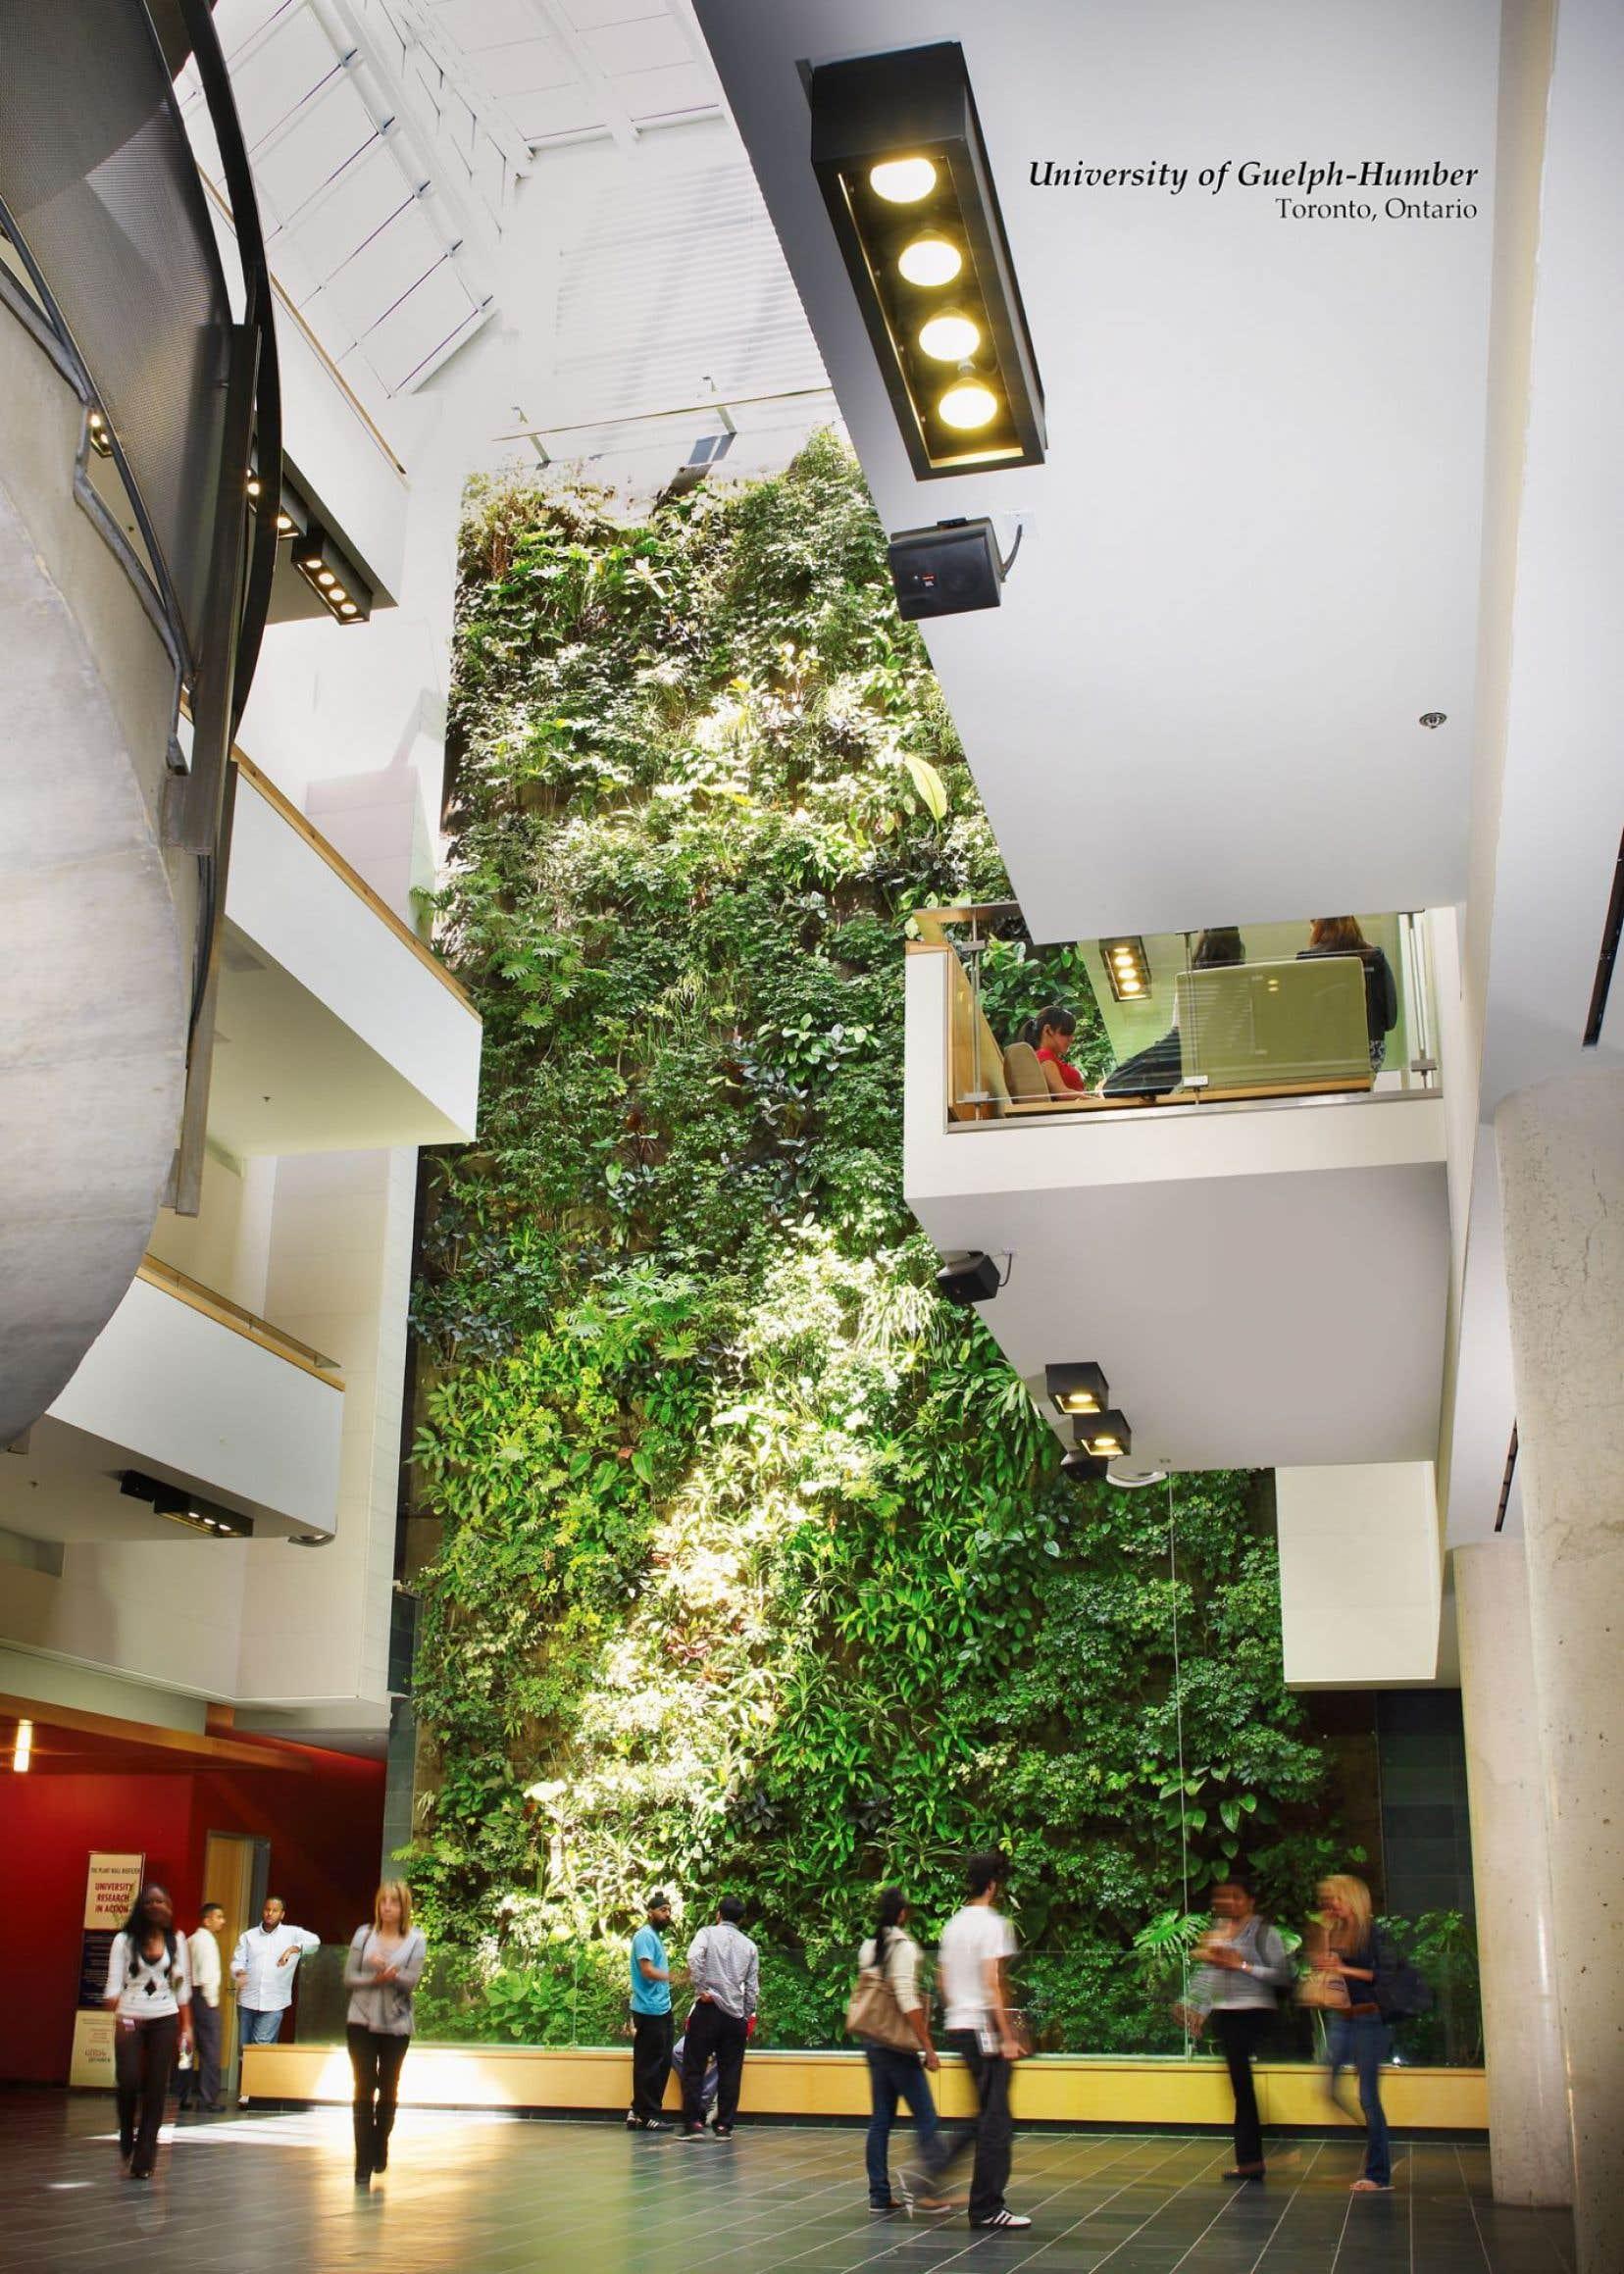 Plante Sur Les Murs les plantes pour assainir l'eau, l'air et les sols | le devoir